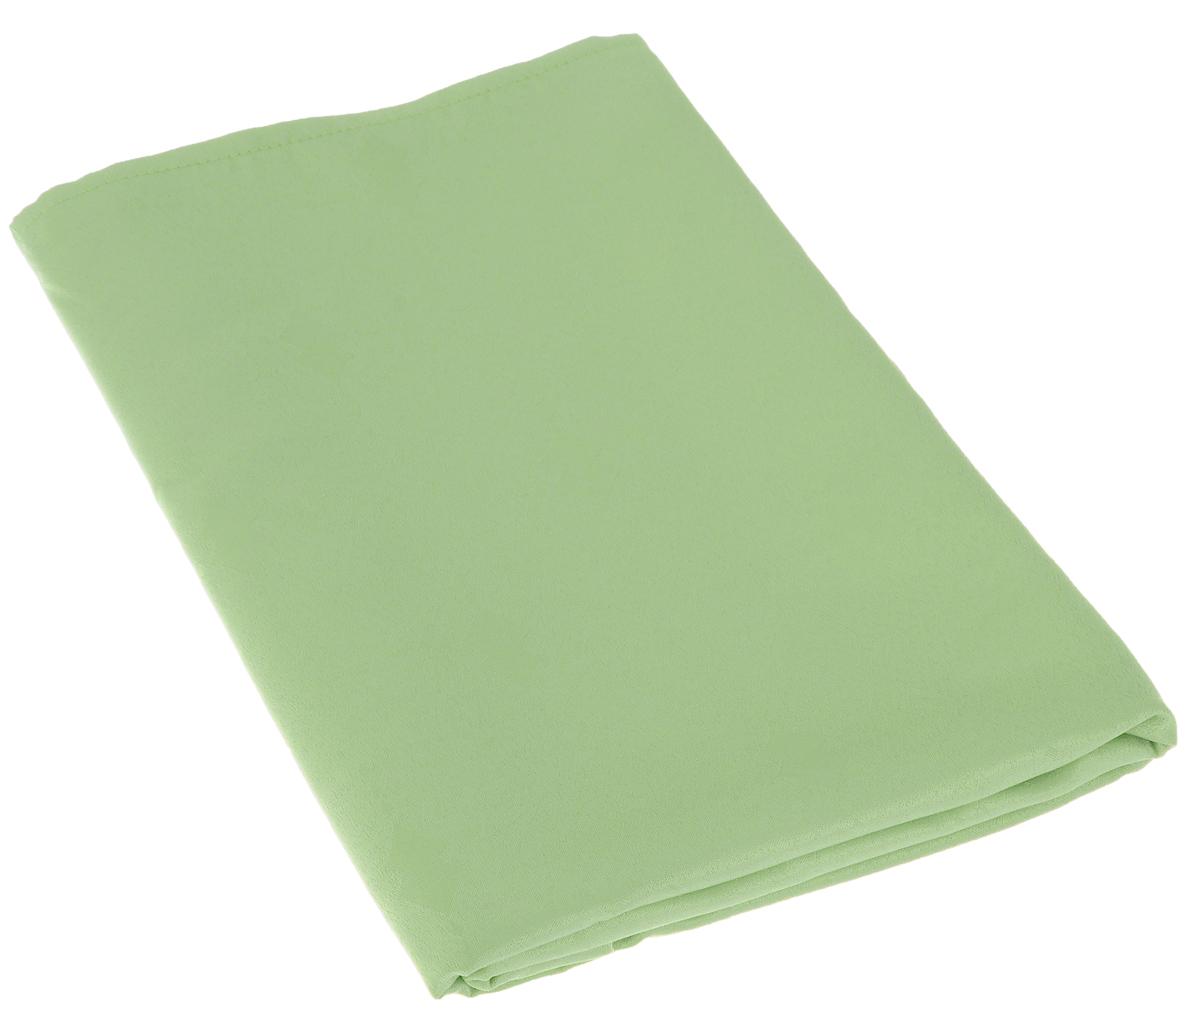 Скатерть Schaefer, прямоугольная, цвет: светло-зеленый, 130 х 160 см. 07509-42707509-427Изящная прямоугольная скатерть Schaefer, выполненная из плотного полиэстера, станет украшением кухонного стола. Изделие декорировано красивым узором в виде ромбов. За текстилем из полиэстера очень легко ухаживать: он не мнется, не садится и быстро сохнет, легко стирается, более долговечен, чем текстиль из натуральных волокон. Использование такой скатерти сделает застолье торжественным, поднимет настроение гостей и приятно удивит их вашим изысканным вкусом. Также вы можете использовать эту скатерть для повседневной трапезы, превратив каждый прием пищи в волшебный праздник и веселье.Это текстильное изделие станет изысканным украшением вашего дома!